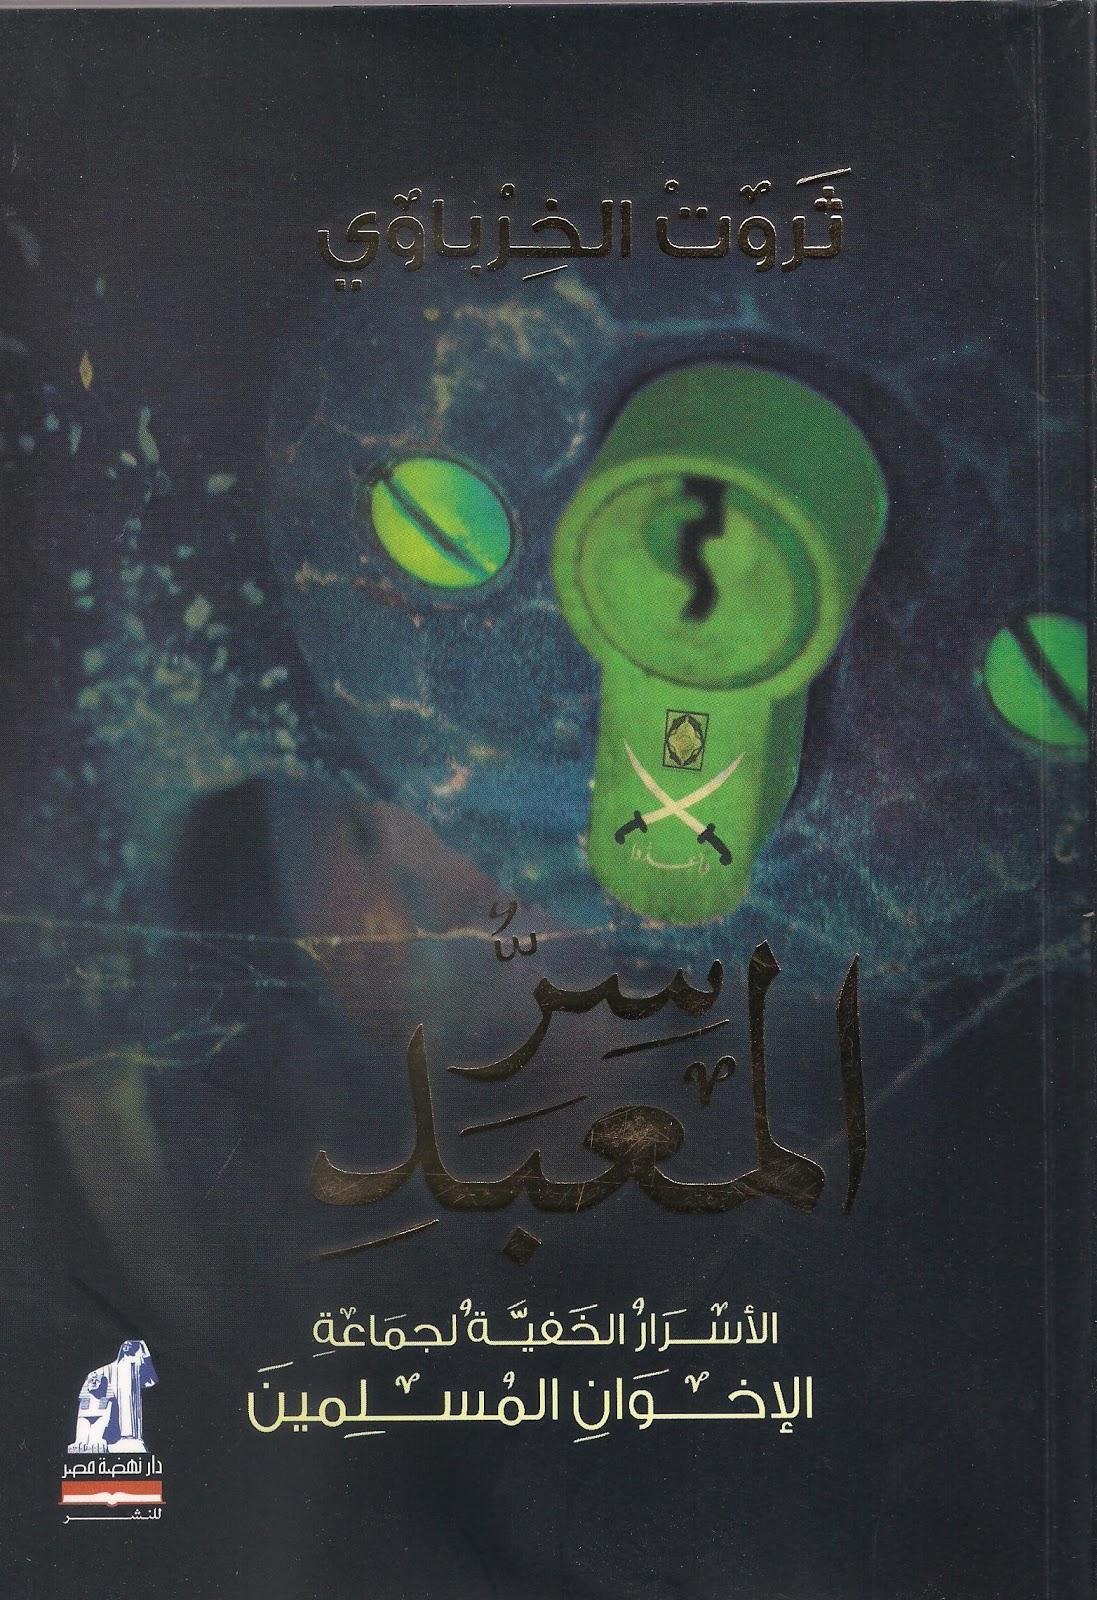 سر المعبد الأسرار الخفية لجماعة الإخوان المسلمين كتاب